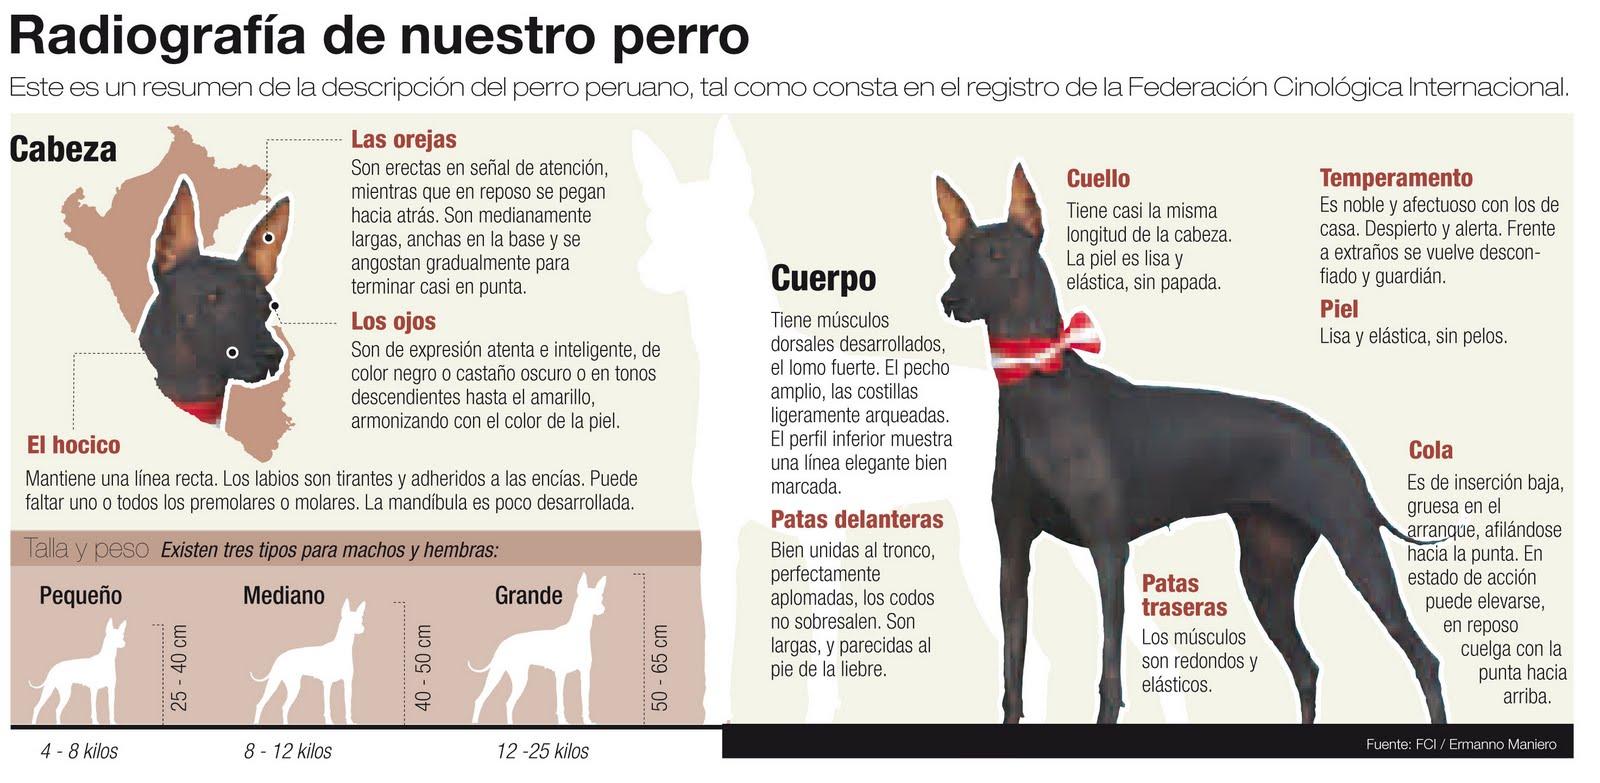 El perro peruano / The Peruvian dog